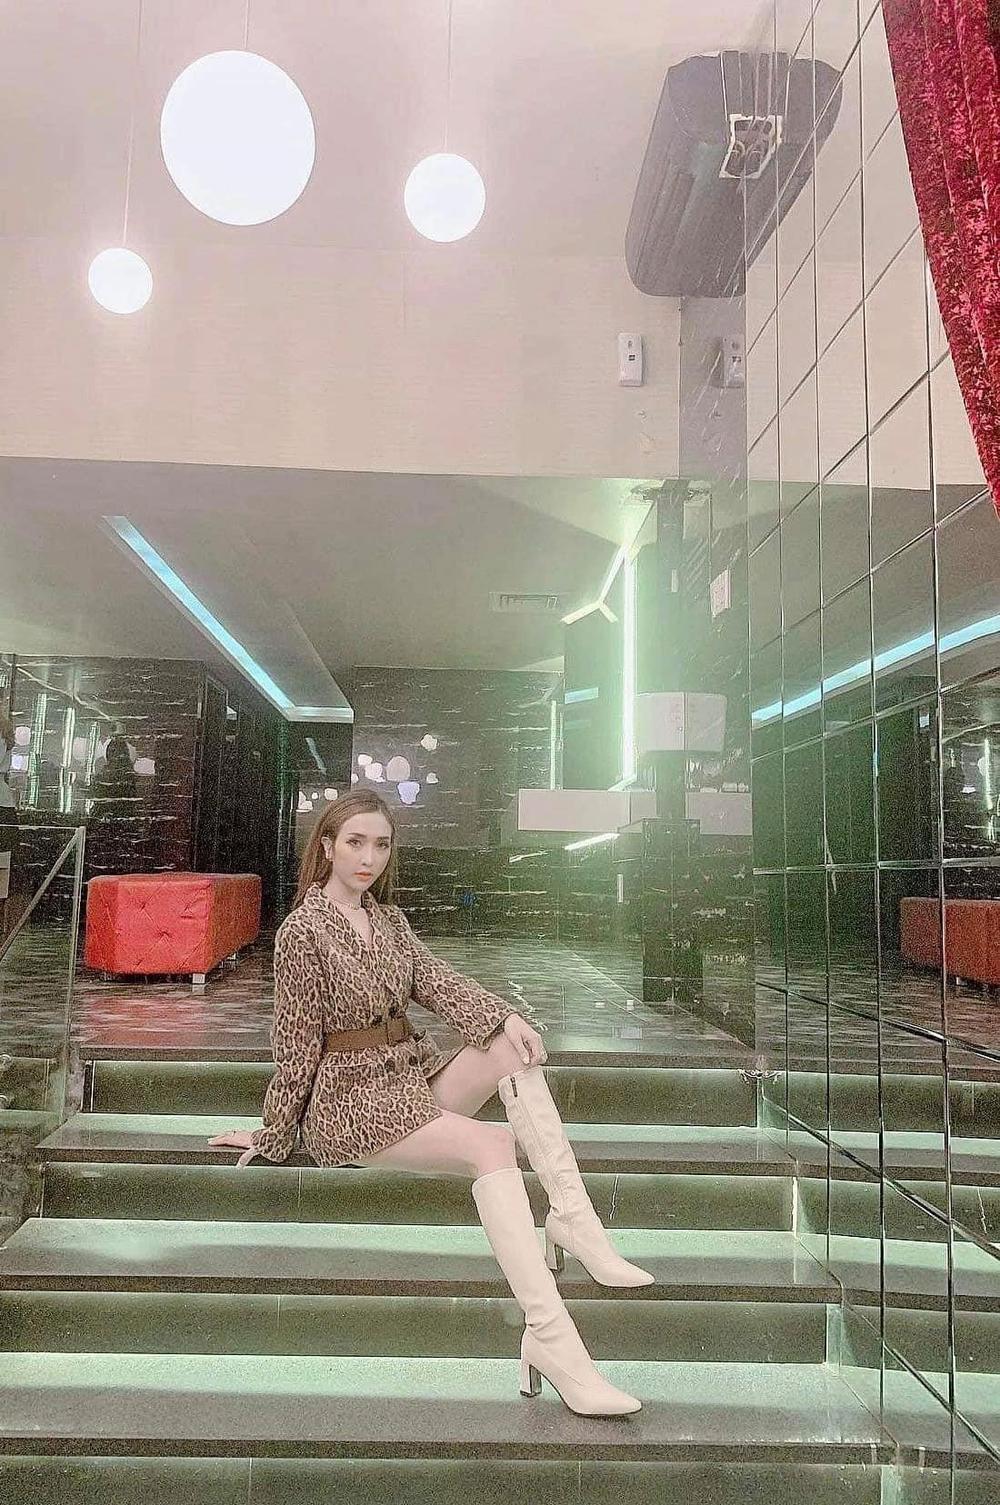 Nguyễn Hồng Boutique tái thiết lập thương hiệu Nguyễn Hồng Store Ảnh 1